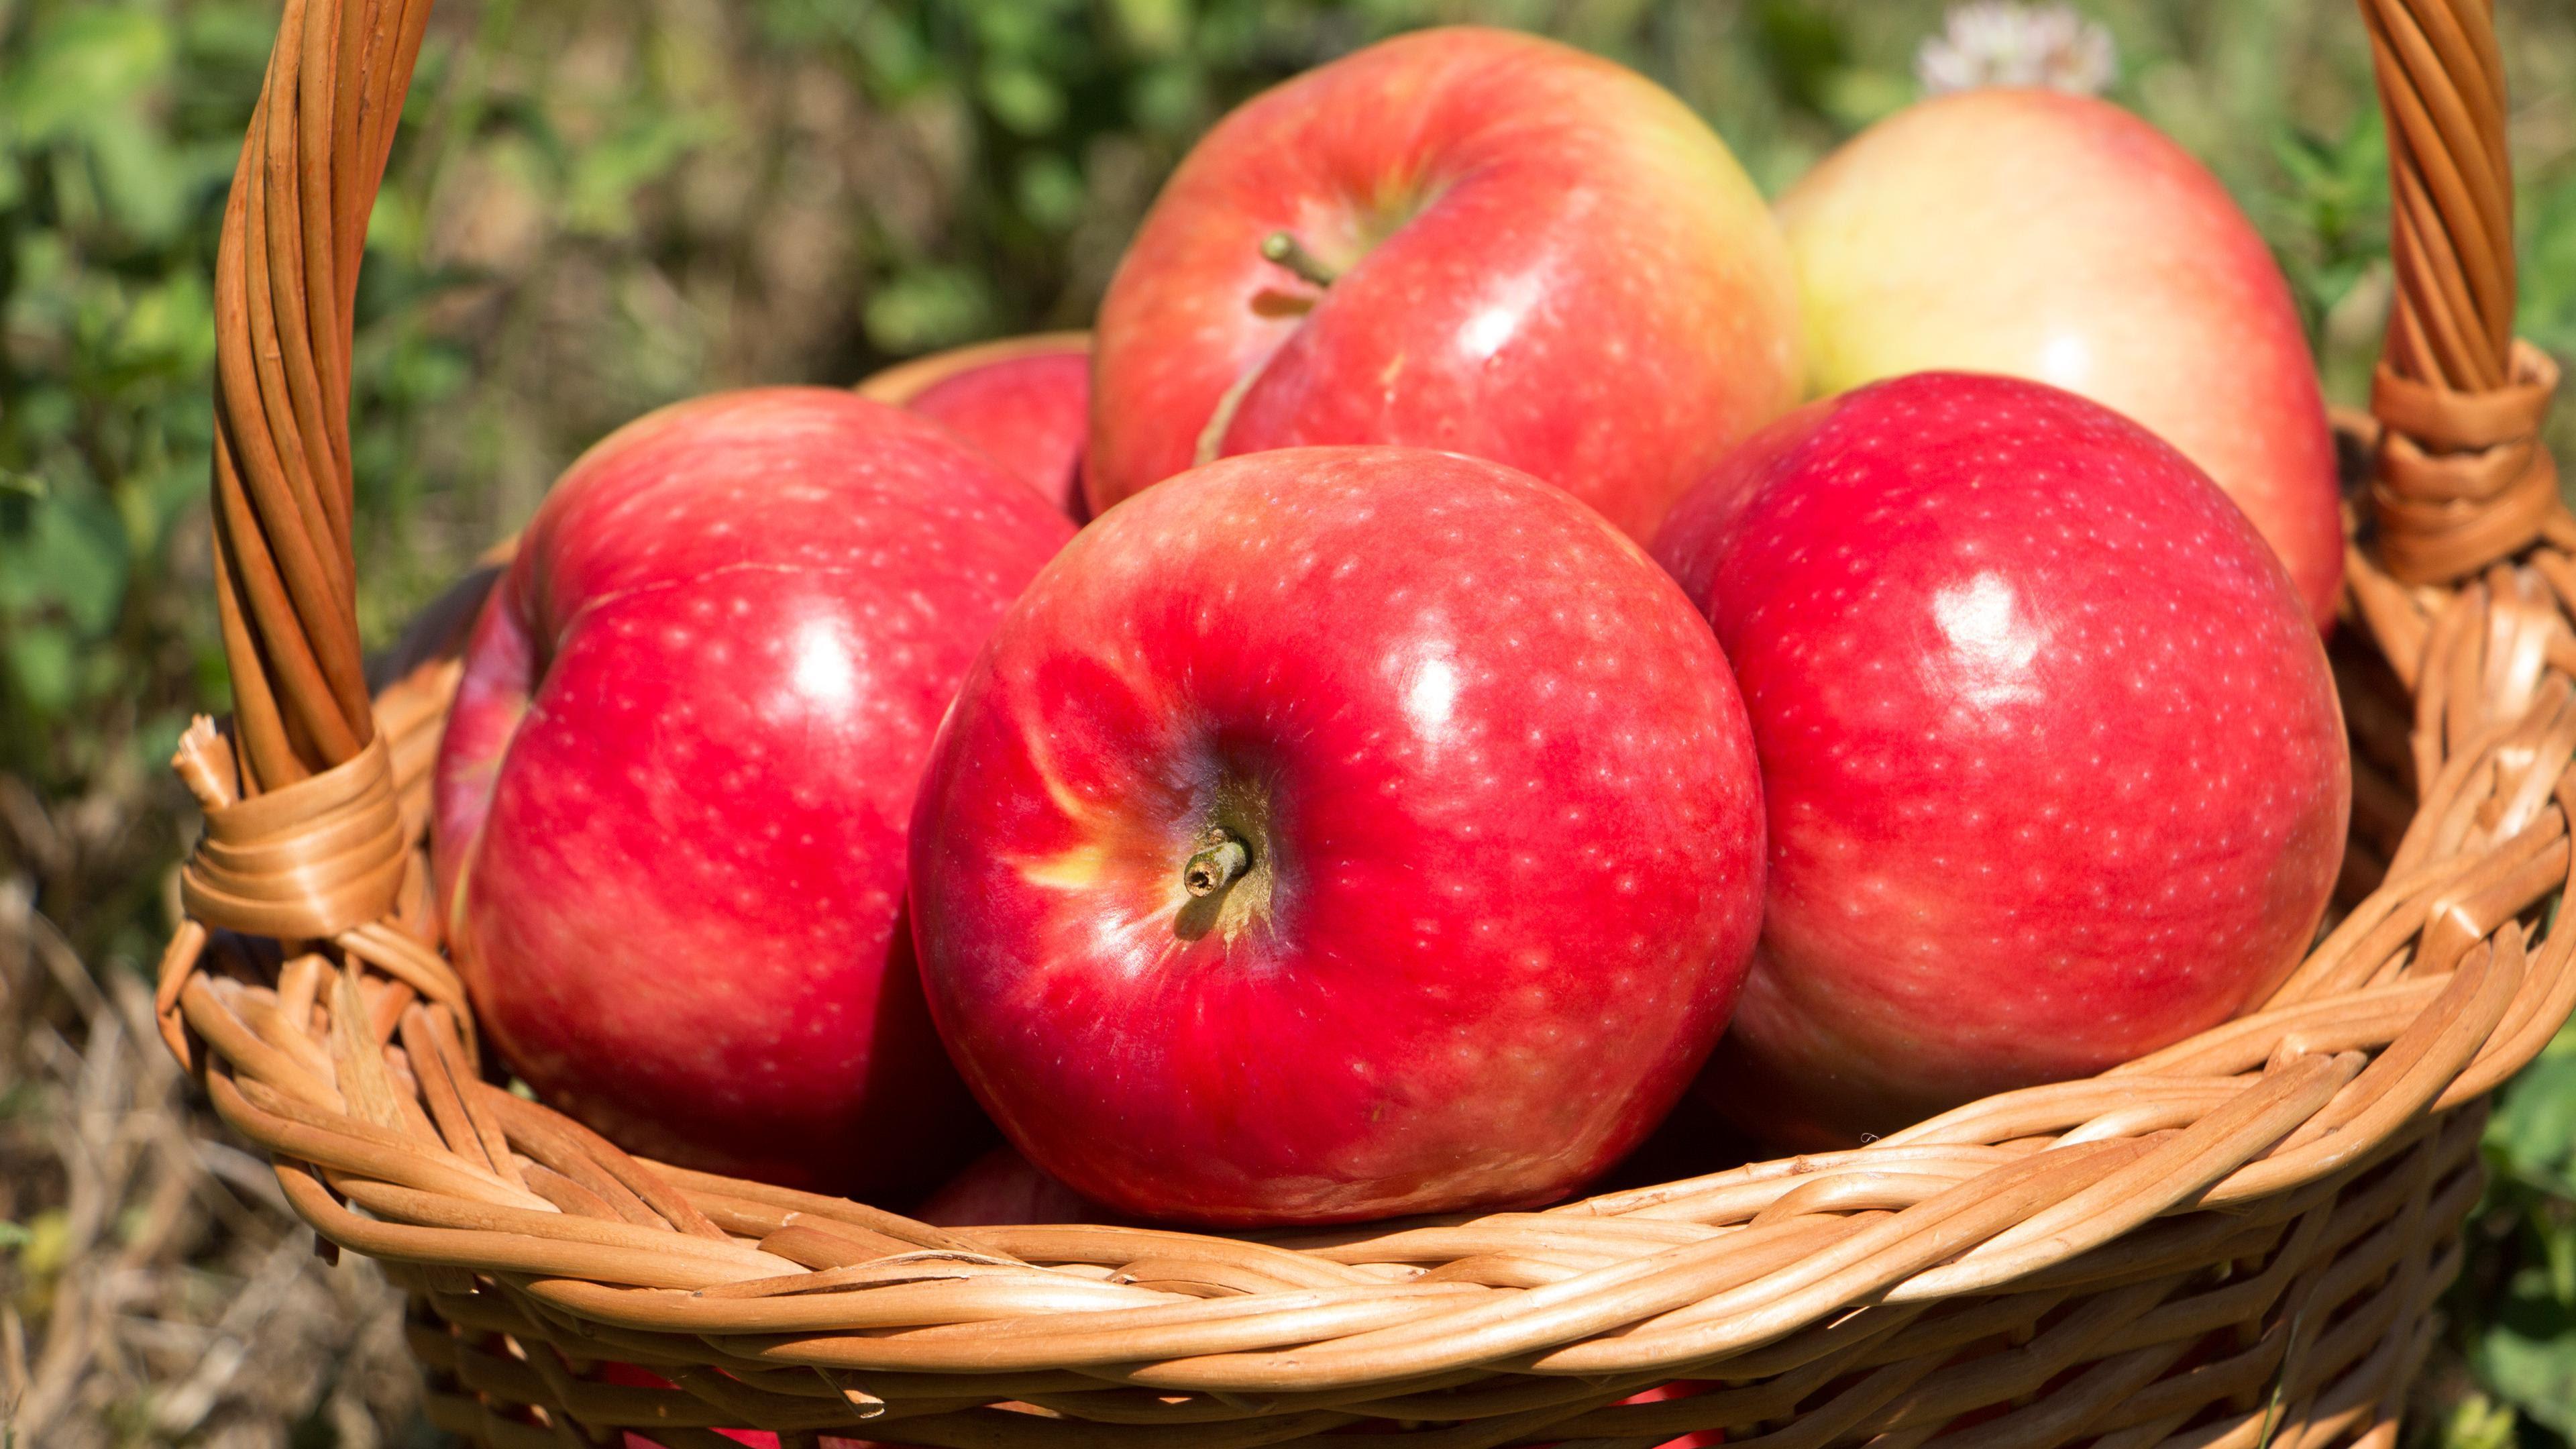 gambar buah apel dalam keranjang